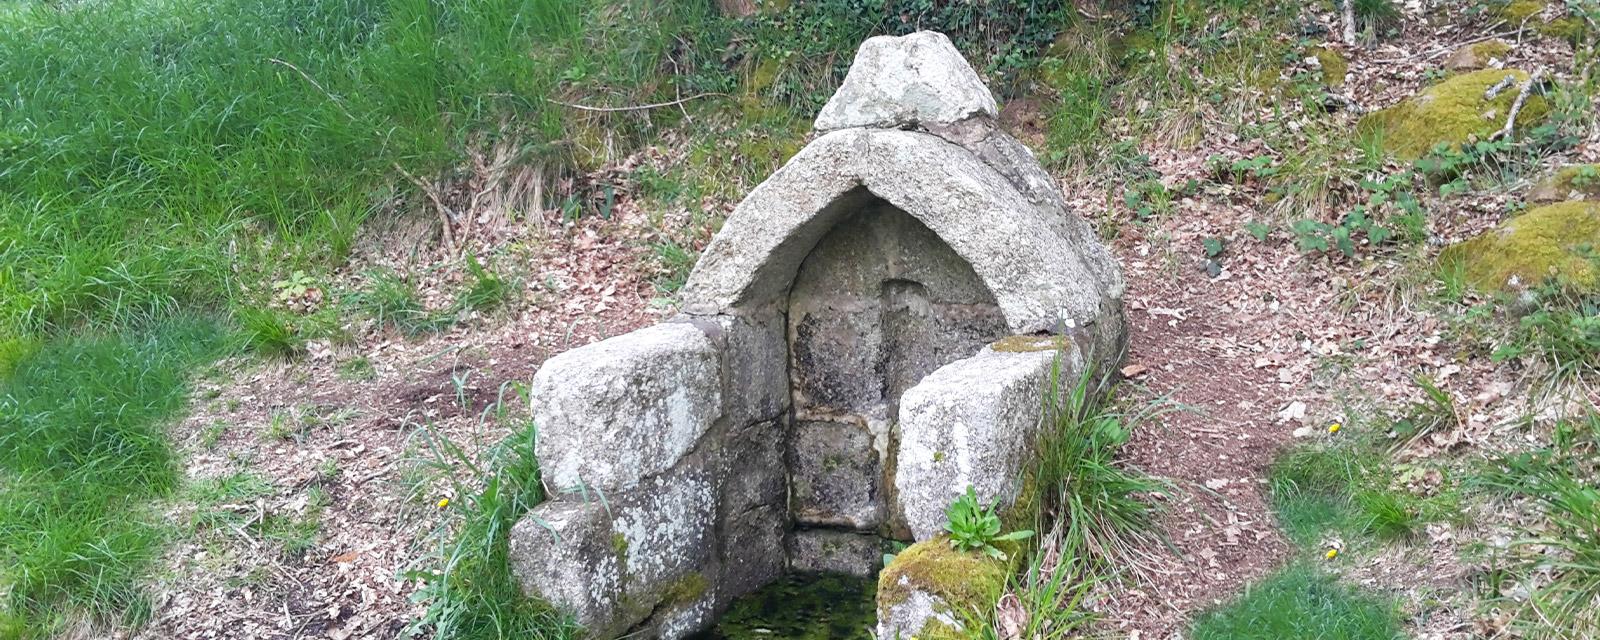 La fontaine de Trémorvezen